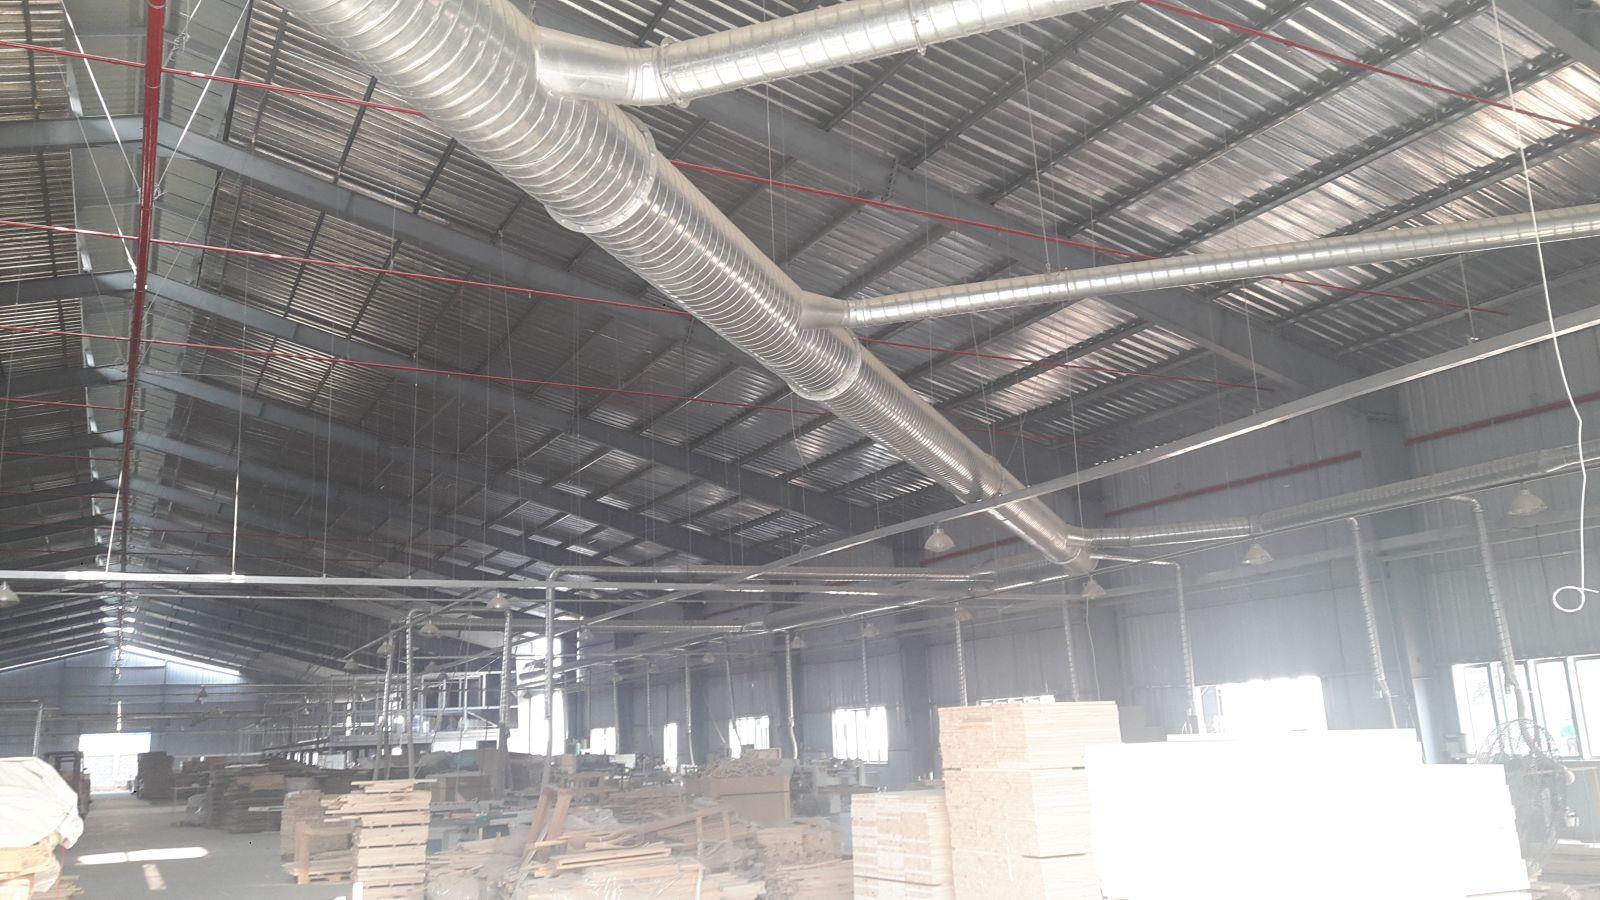 hệ thống hút bụi xưởng chế biến gỗ